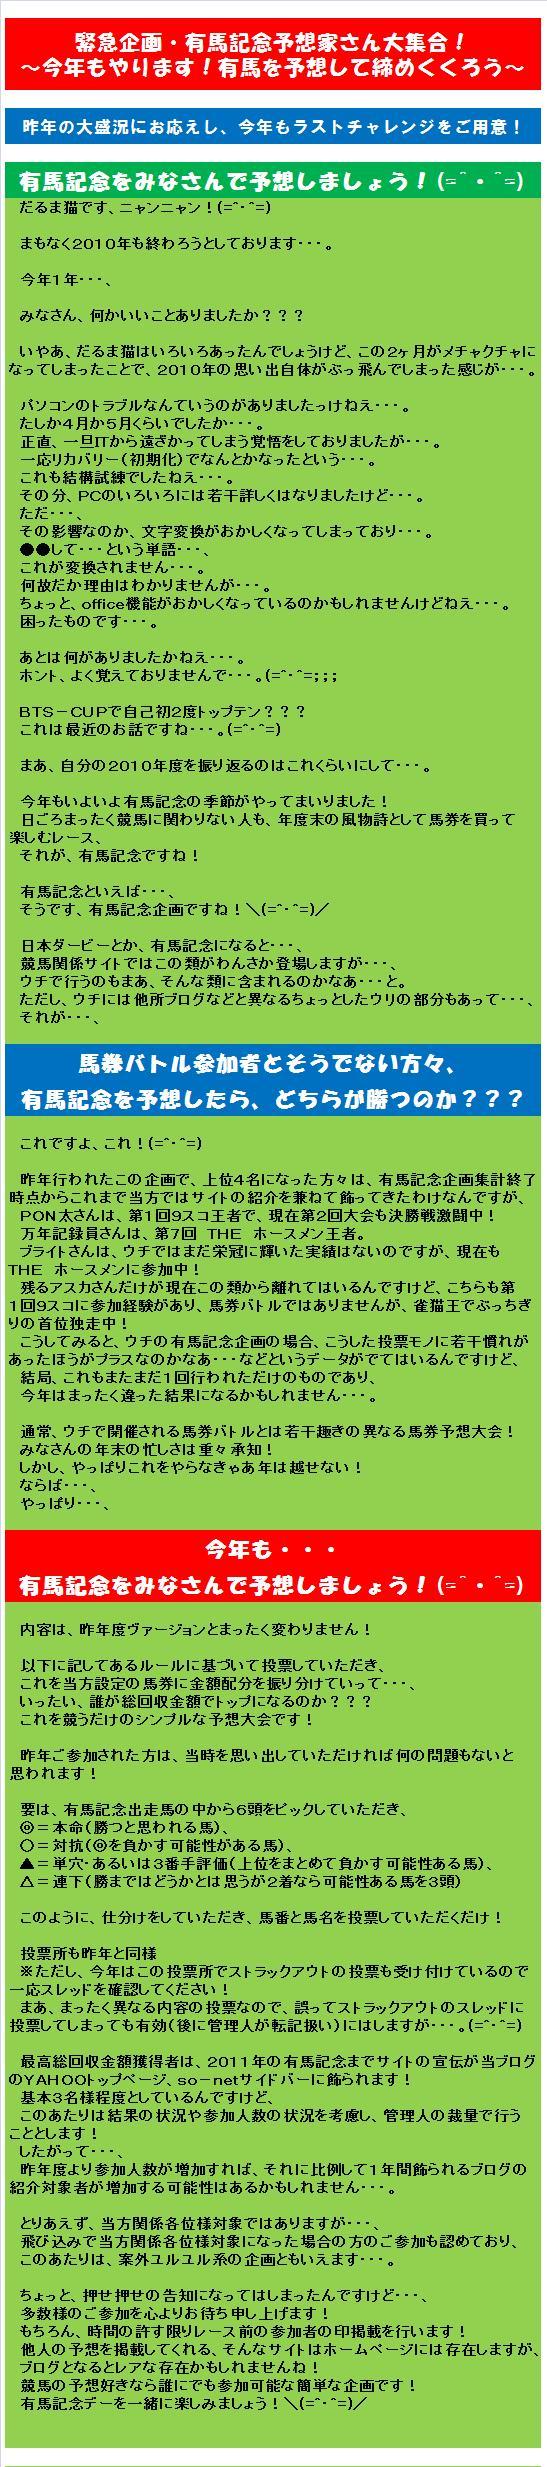 20101219・有馬記念企画2010①修正A.jpg